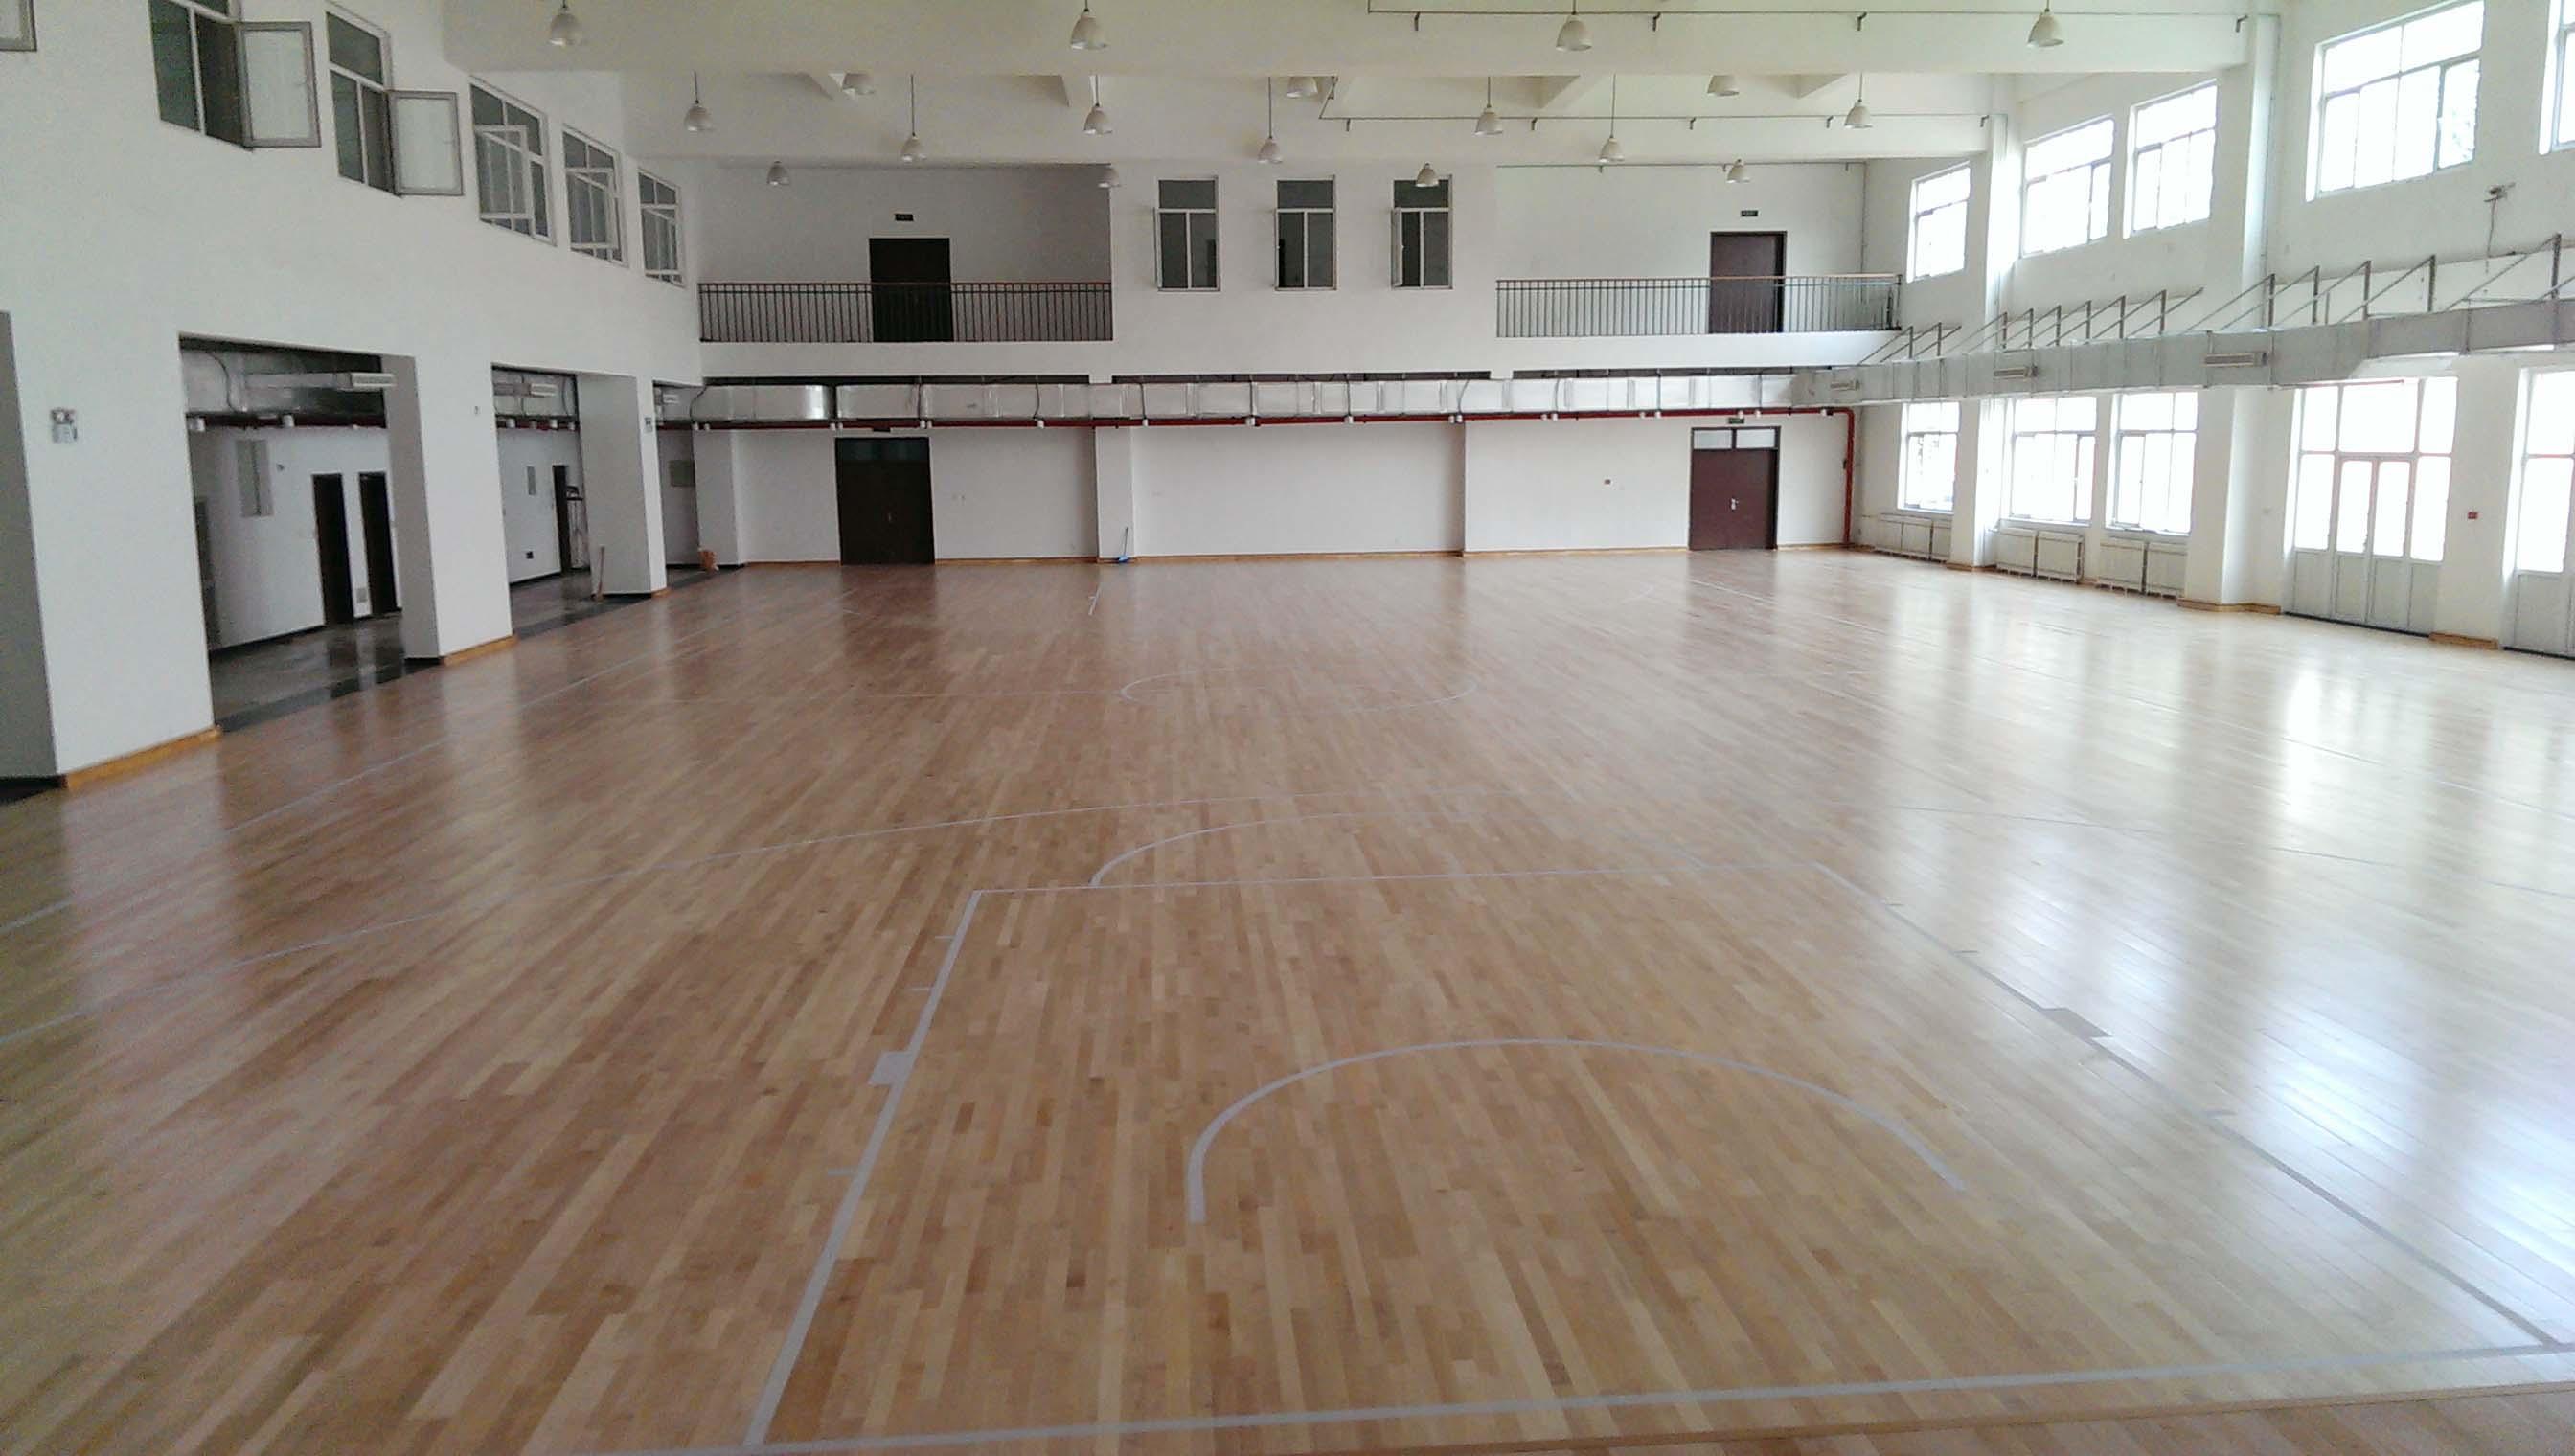 供应常州镇江健身房 体育馆 篮球场 游泳馆pvc塑胶运动地板